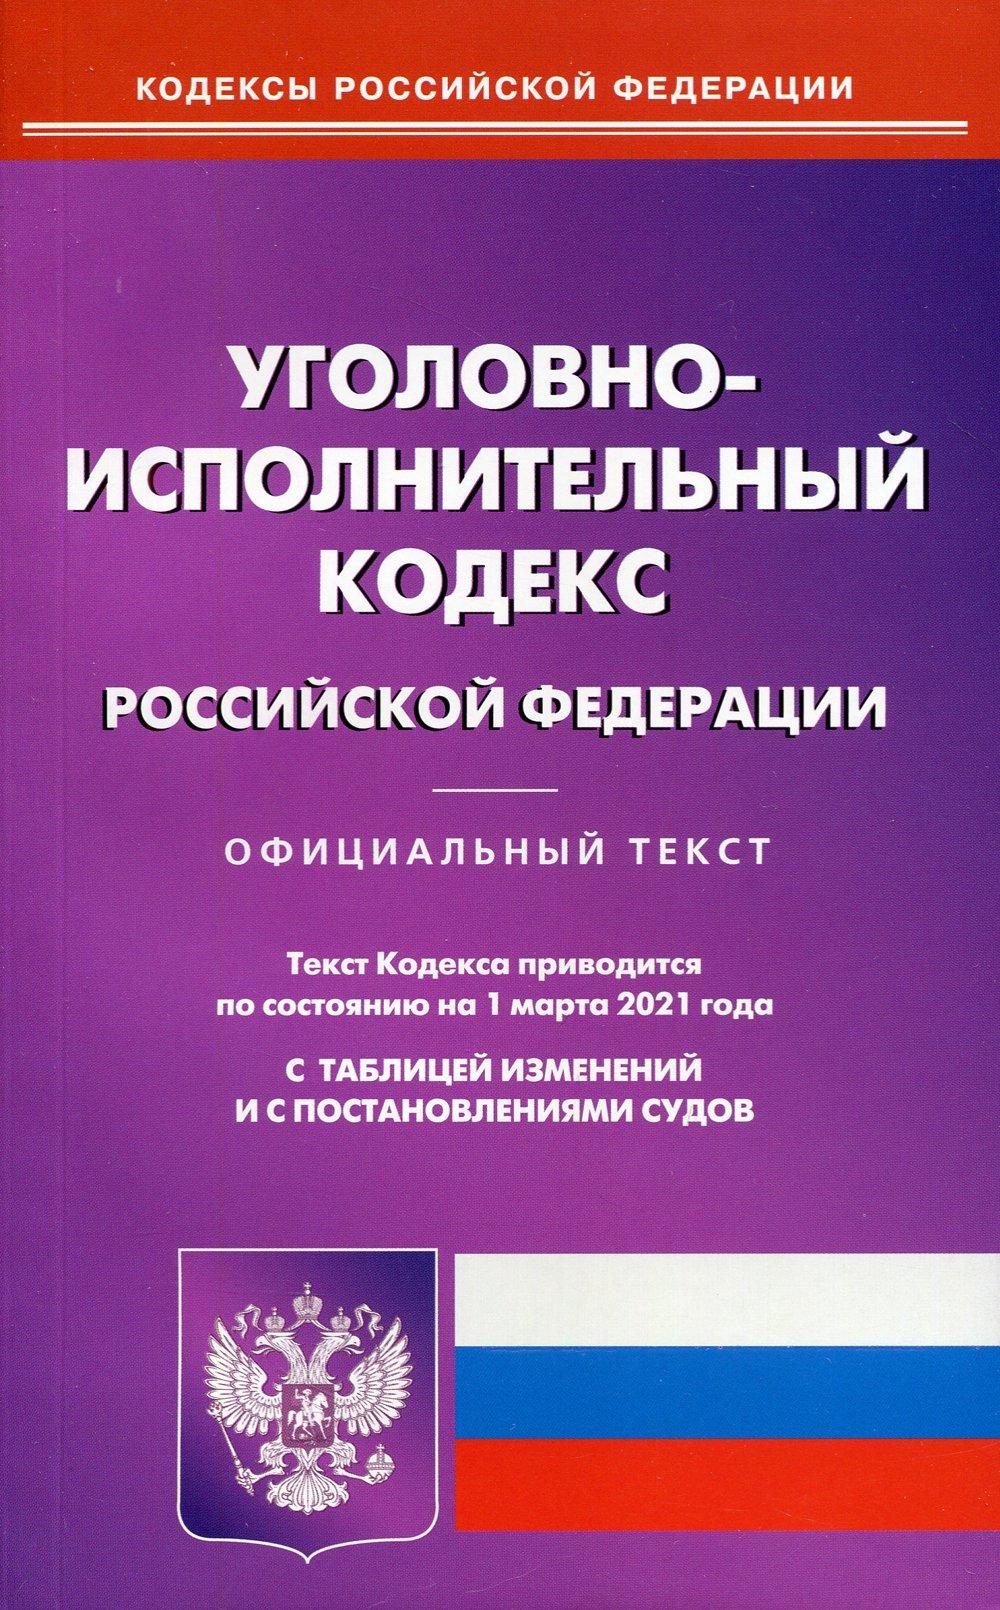 Уголовно-исполнительный кодекс РФ (по сост. на 01.03.21)